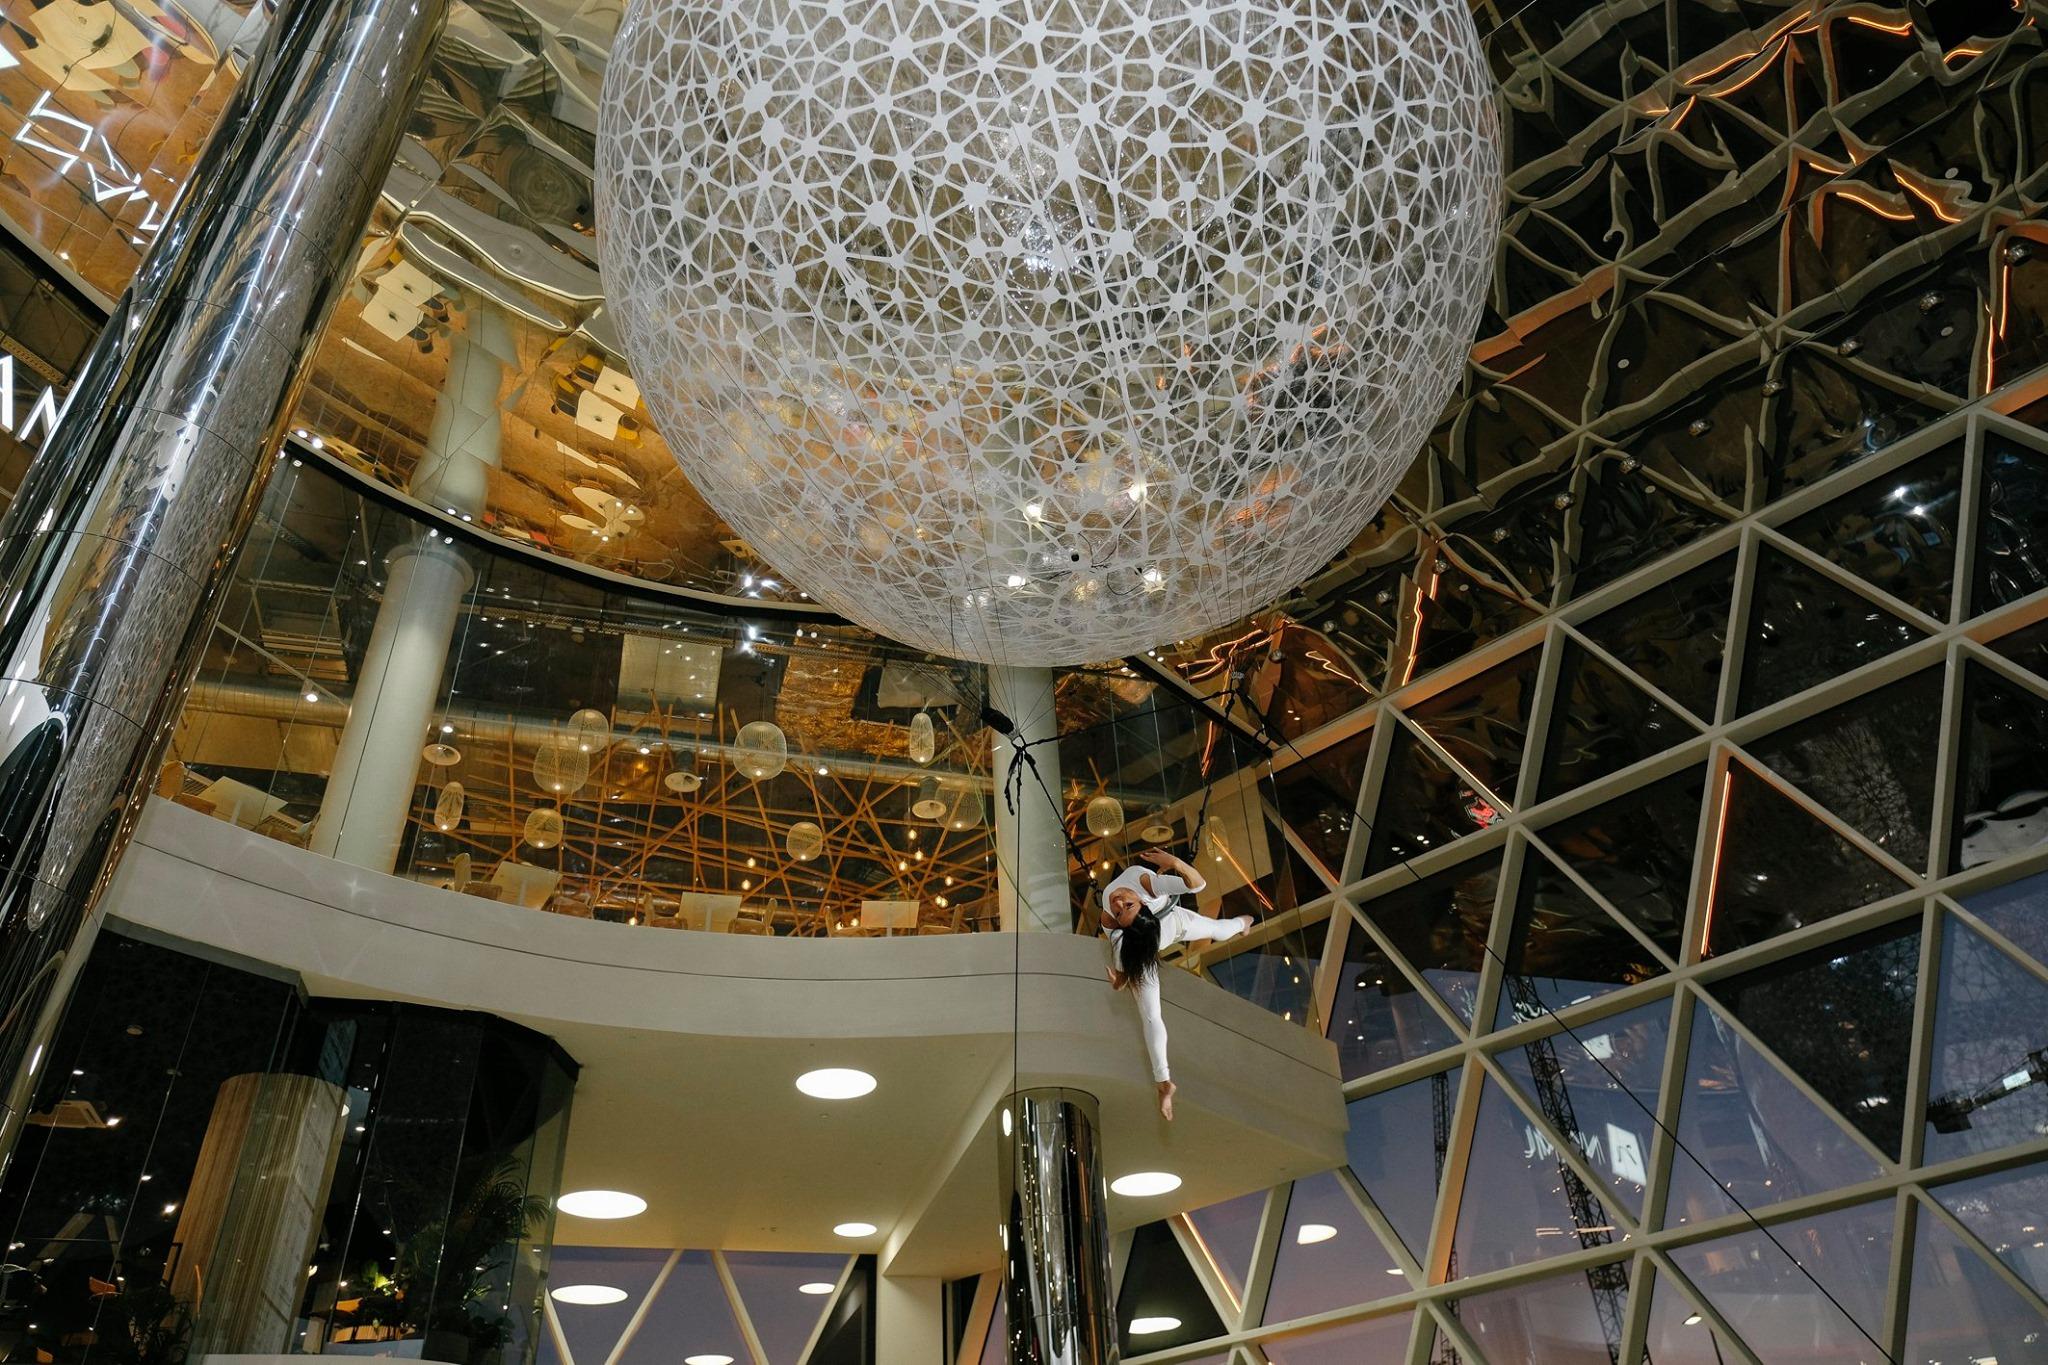 Shine a light agence évènementielle luxembourg - créateur d'expériences immersives - Université de Luxembourg - Inauguration Cloche d'Or